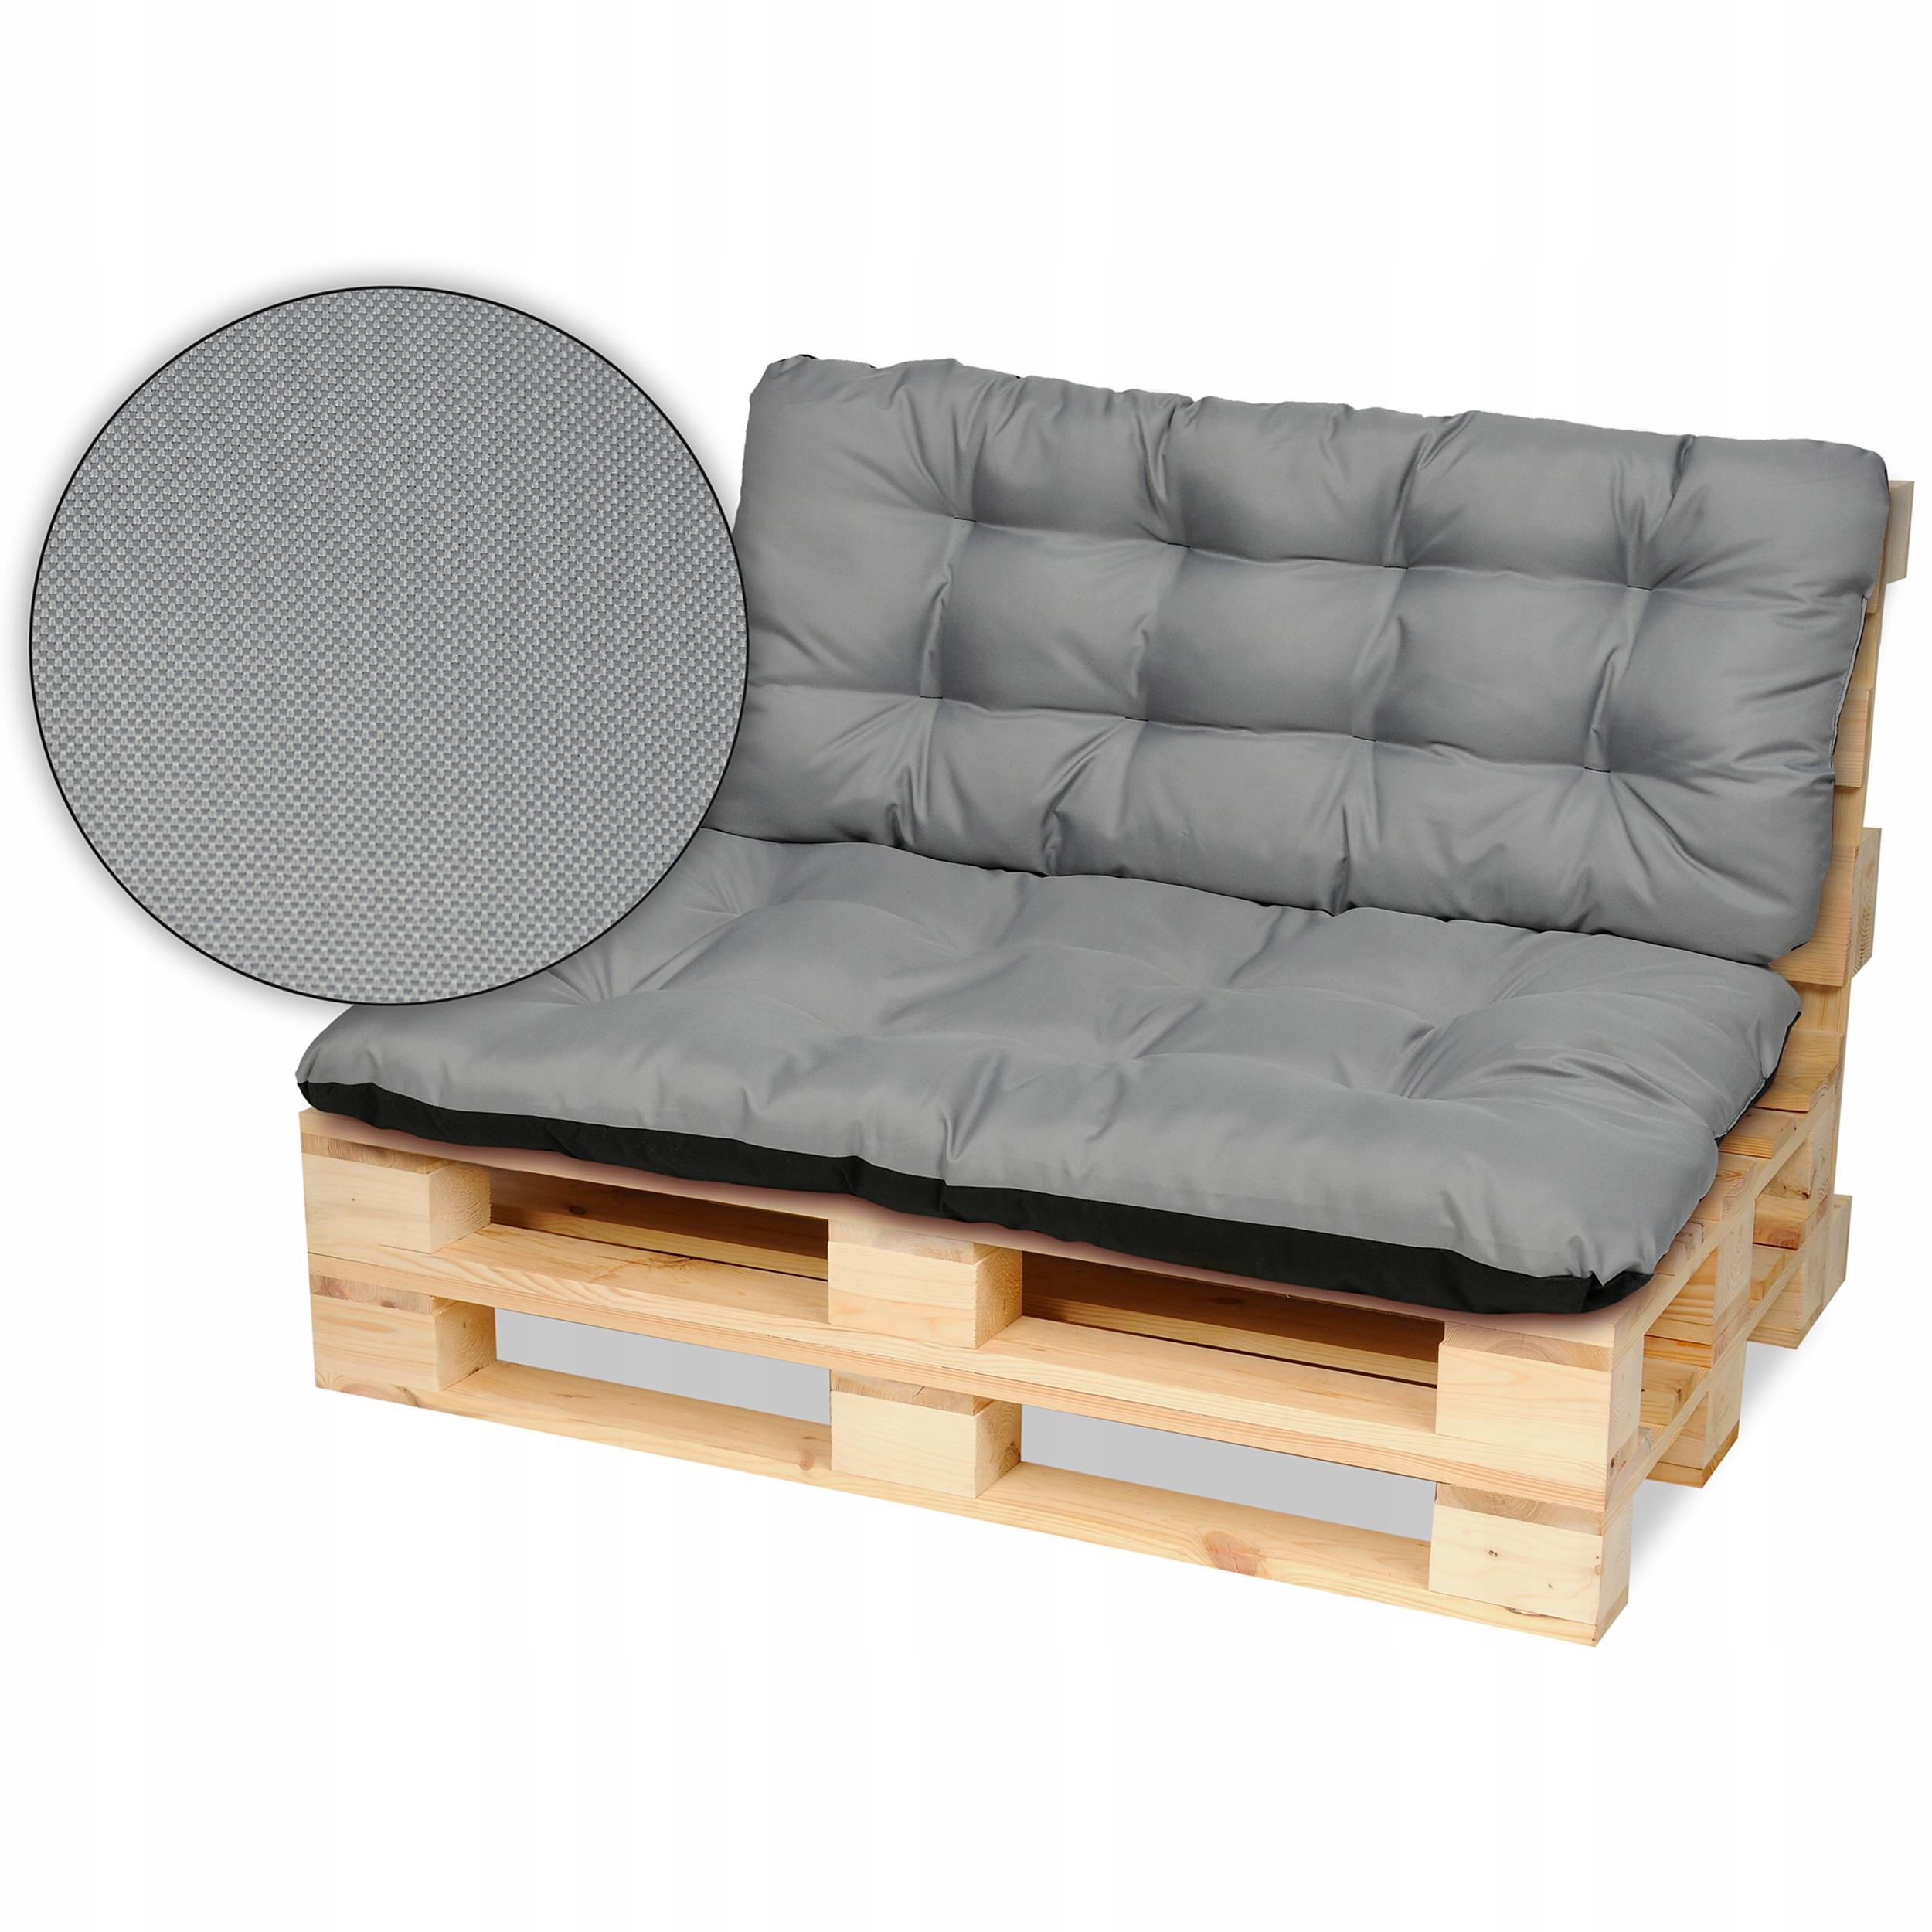 Подушки для поддонов мебельные, скамейка 120х80 + сталь 120х50